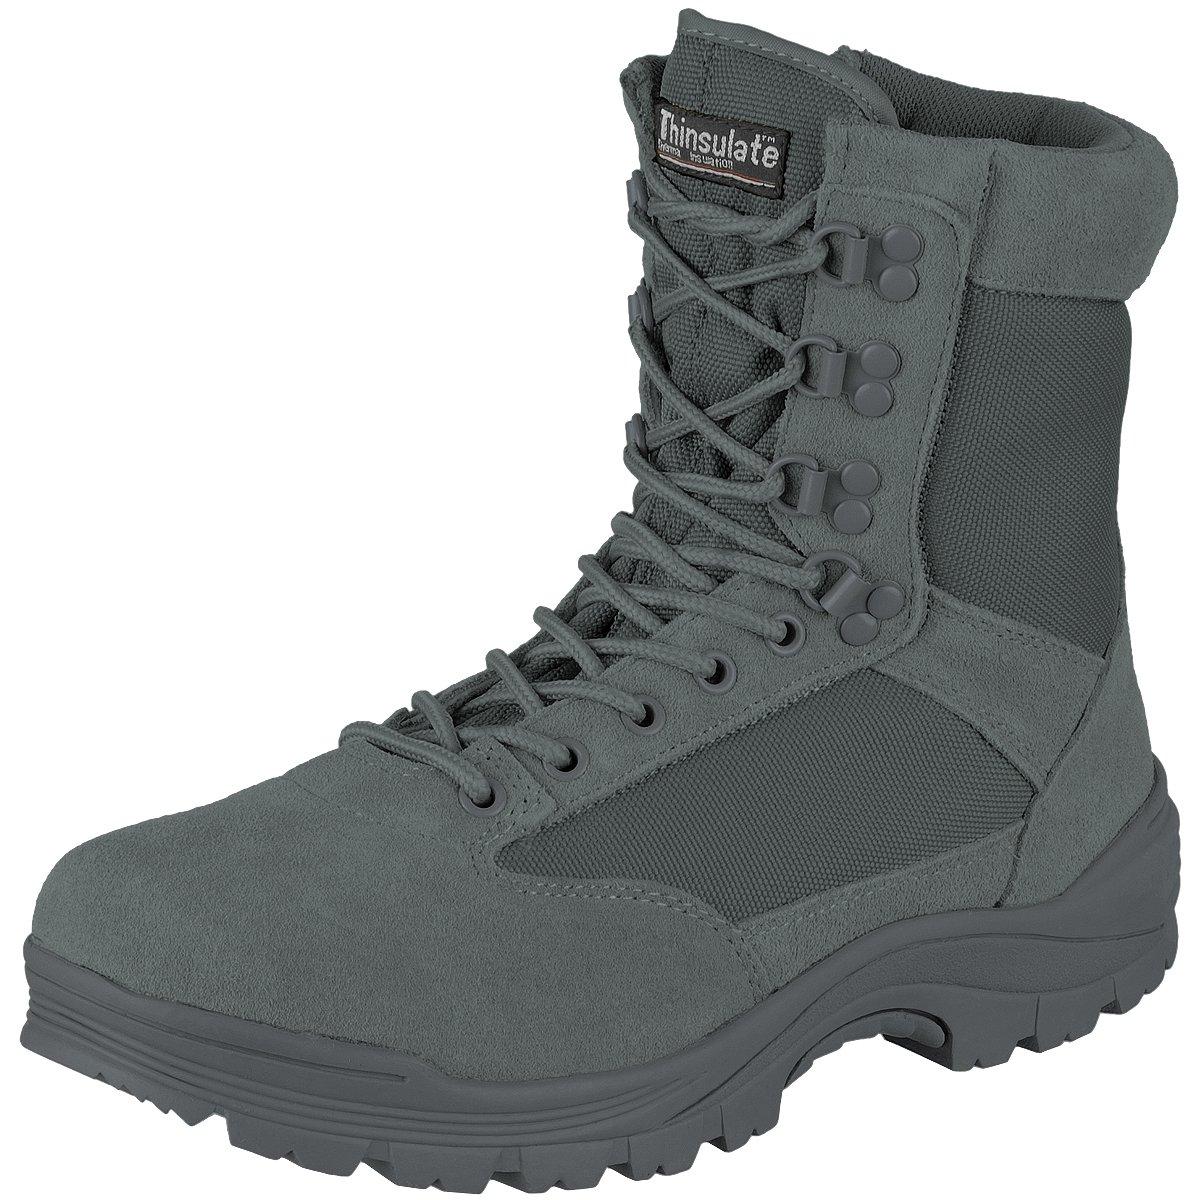 Mil-Tec Men's Tactical Zipper Boots Urban Grey Size 11 UK / 12 US